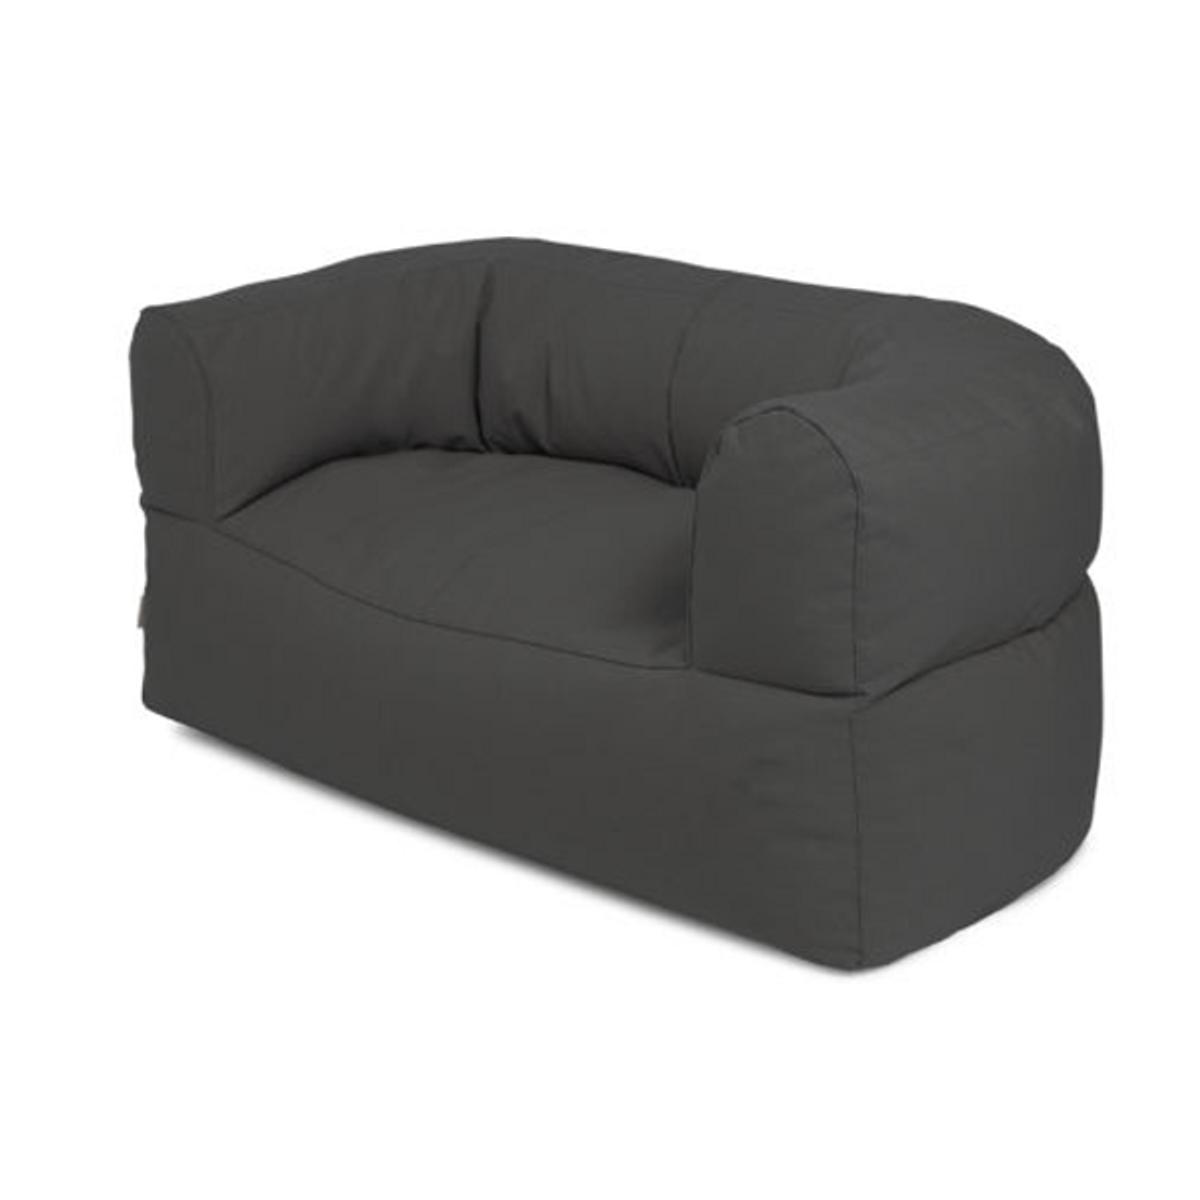 Arm-strong sofa